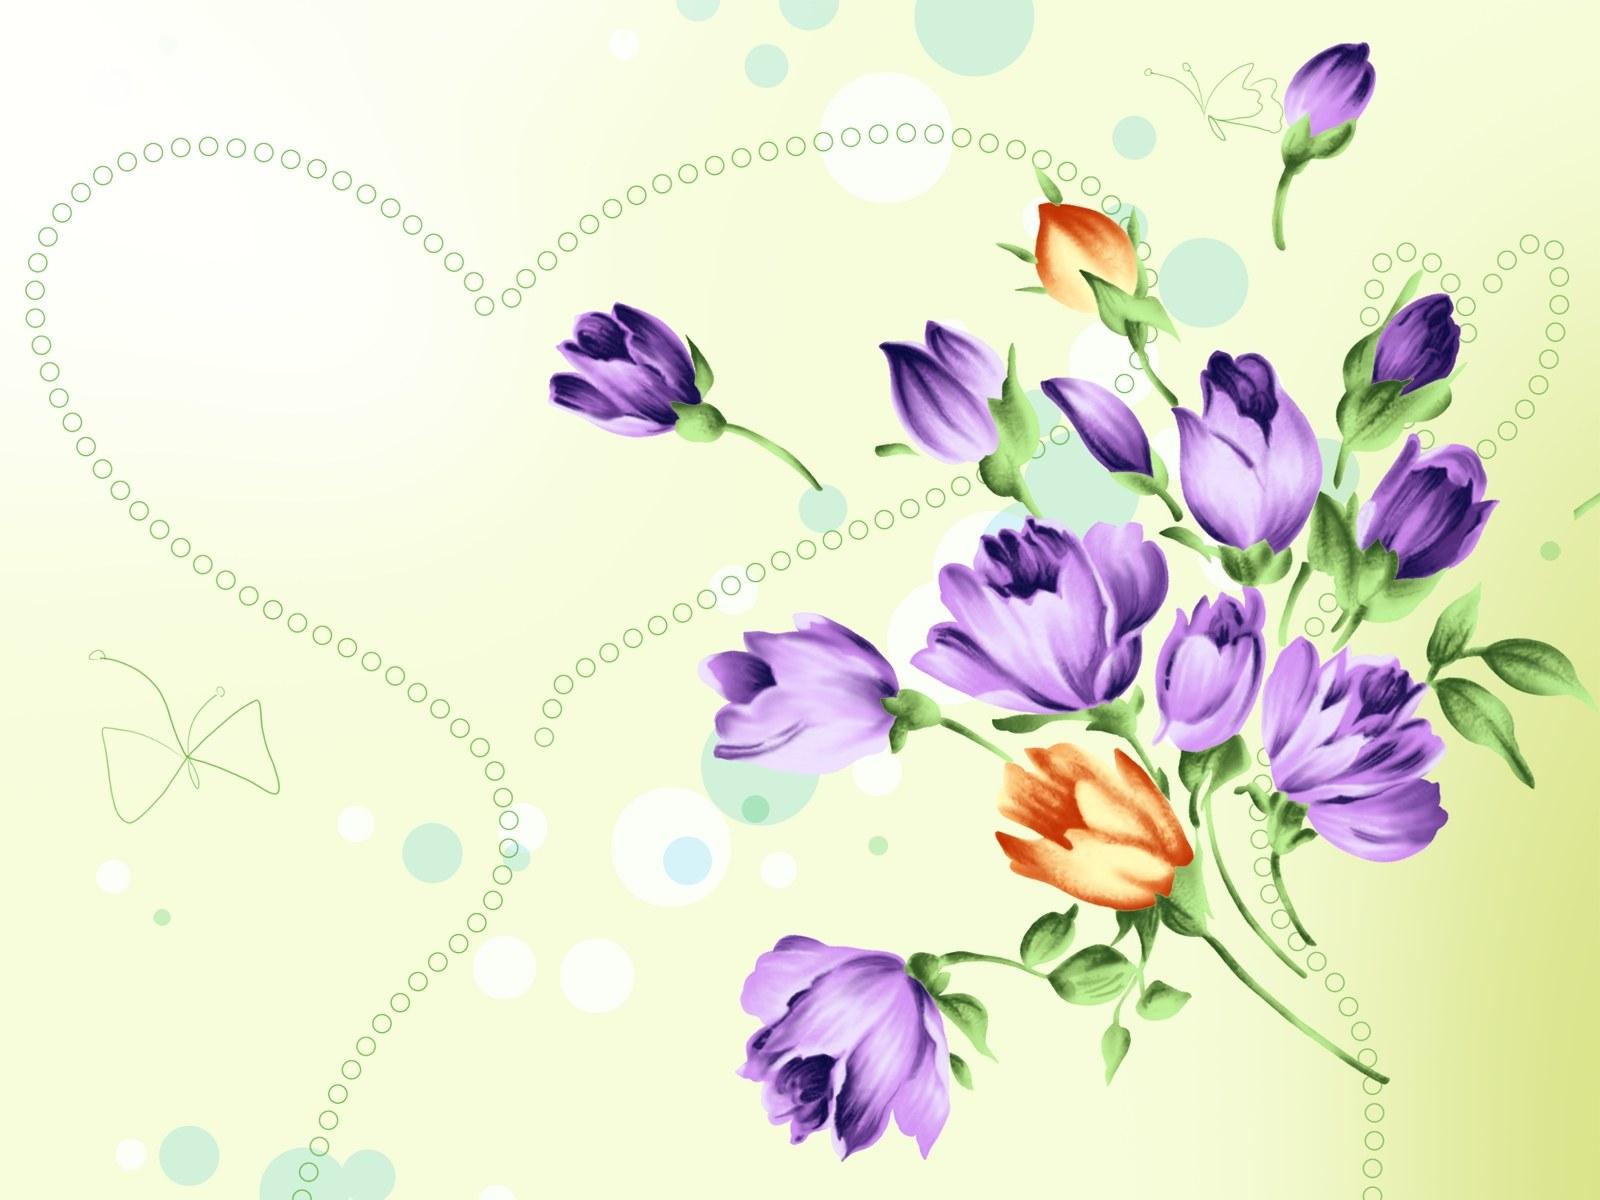 Art Design : Imazes flower design